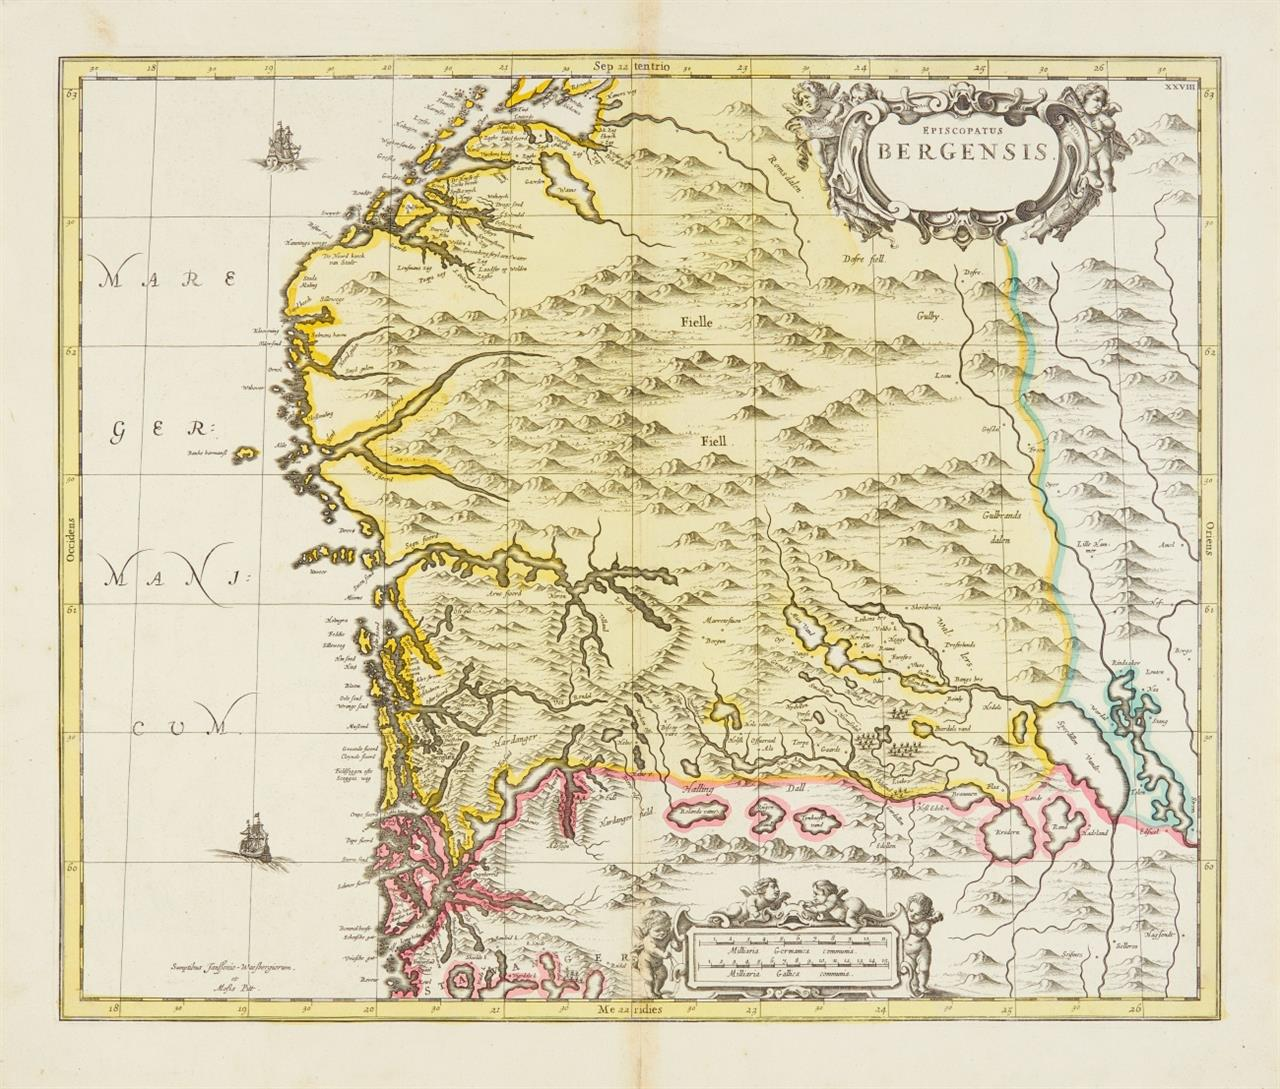 Bergen. Episcopatus Bergensis. Um 1680. Kolor. Kupferstichkarte bei Janssonius-Waesberghe und Moses Pitt.